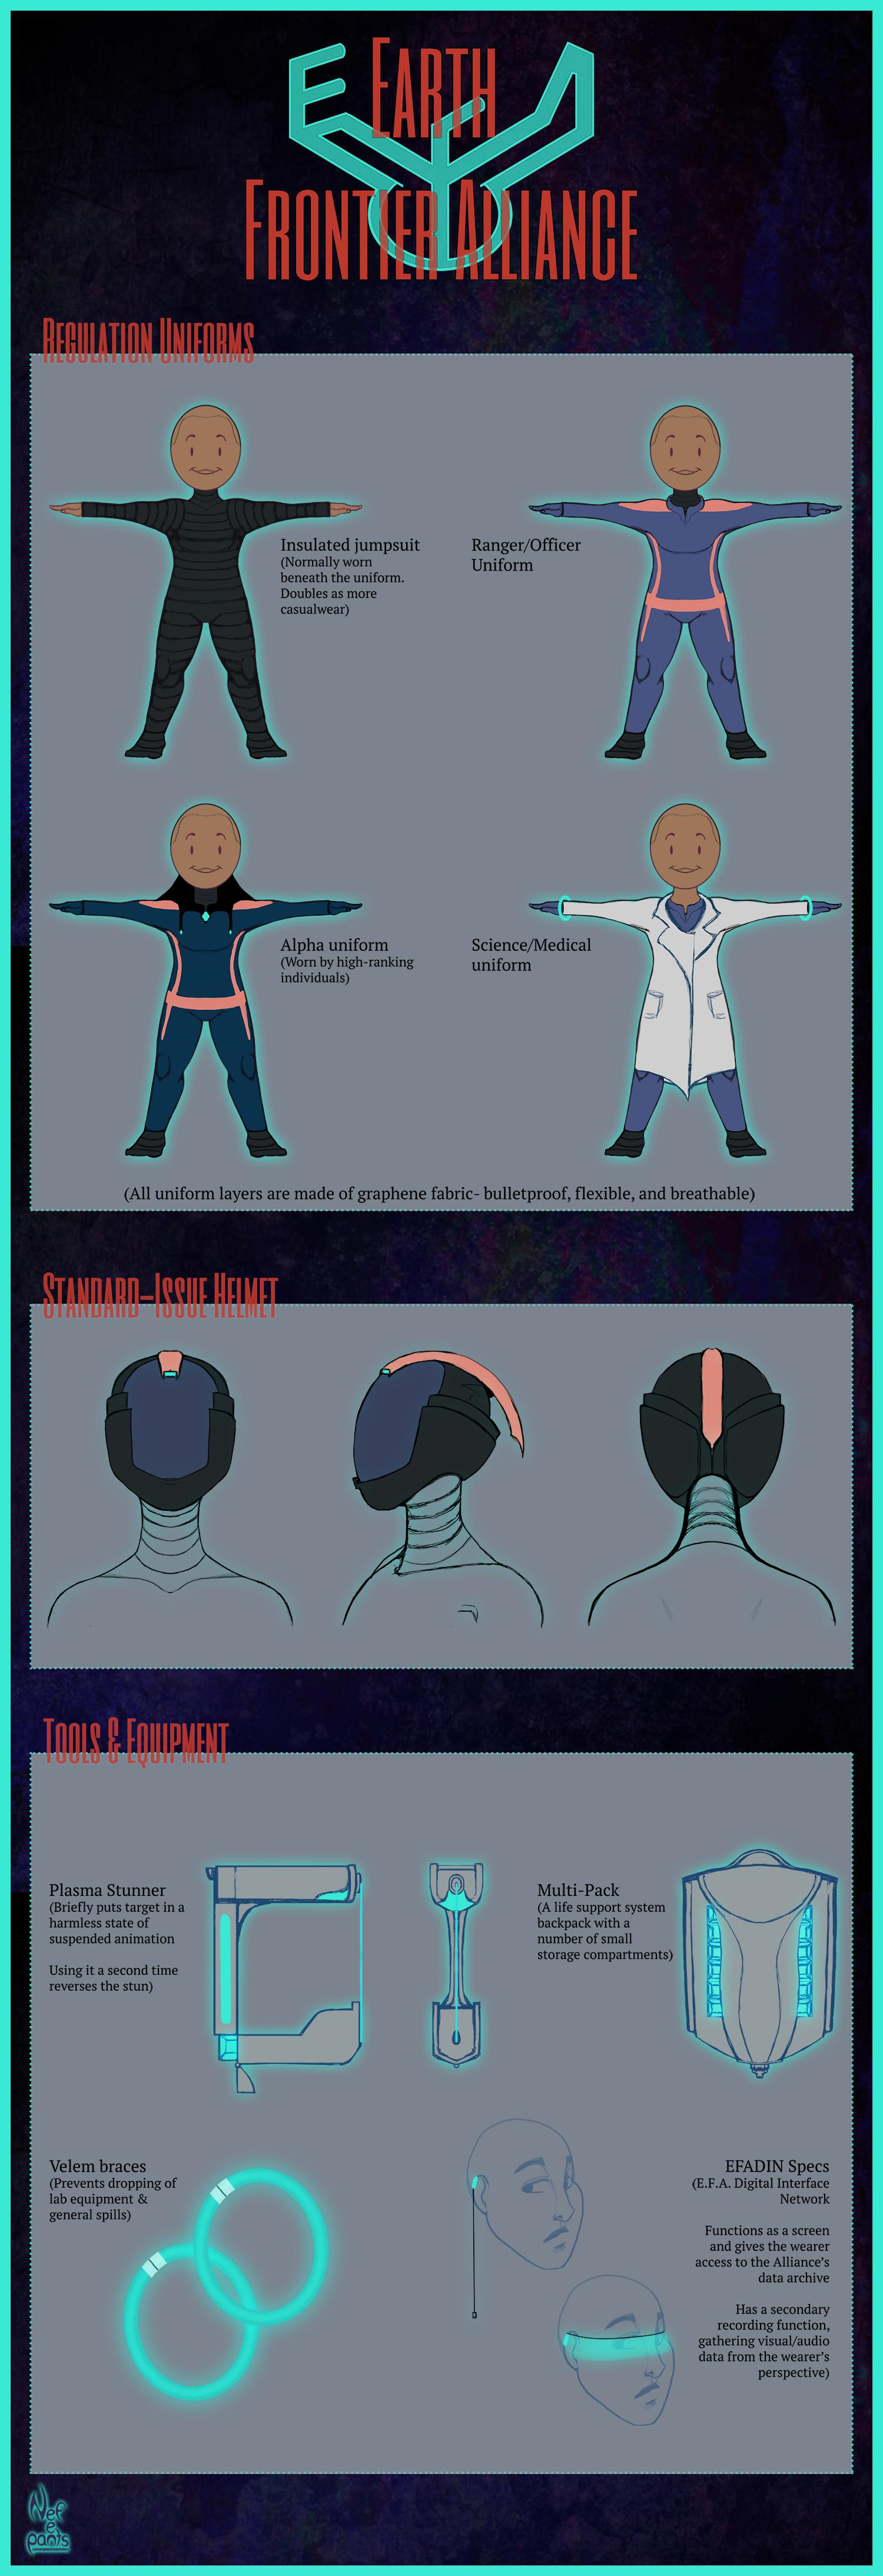 Earth Frontier Alliance wardrobe by Nefepants